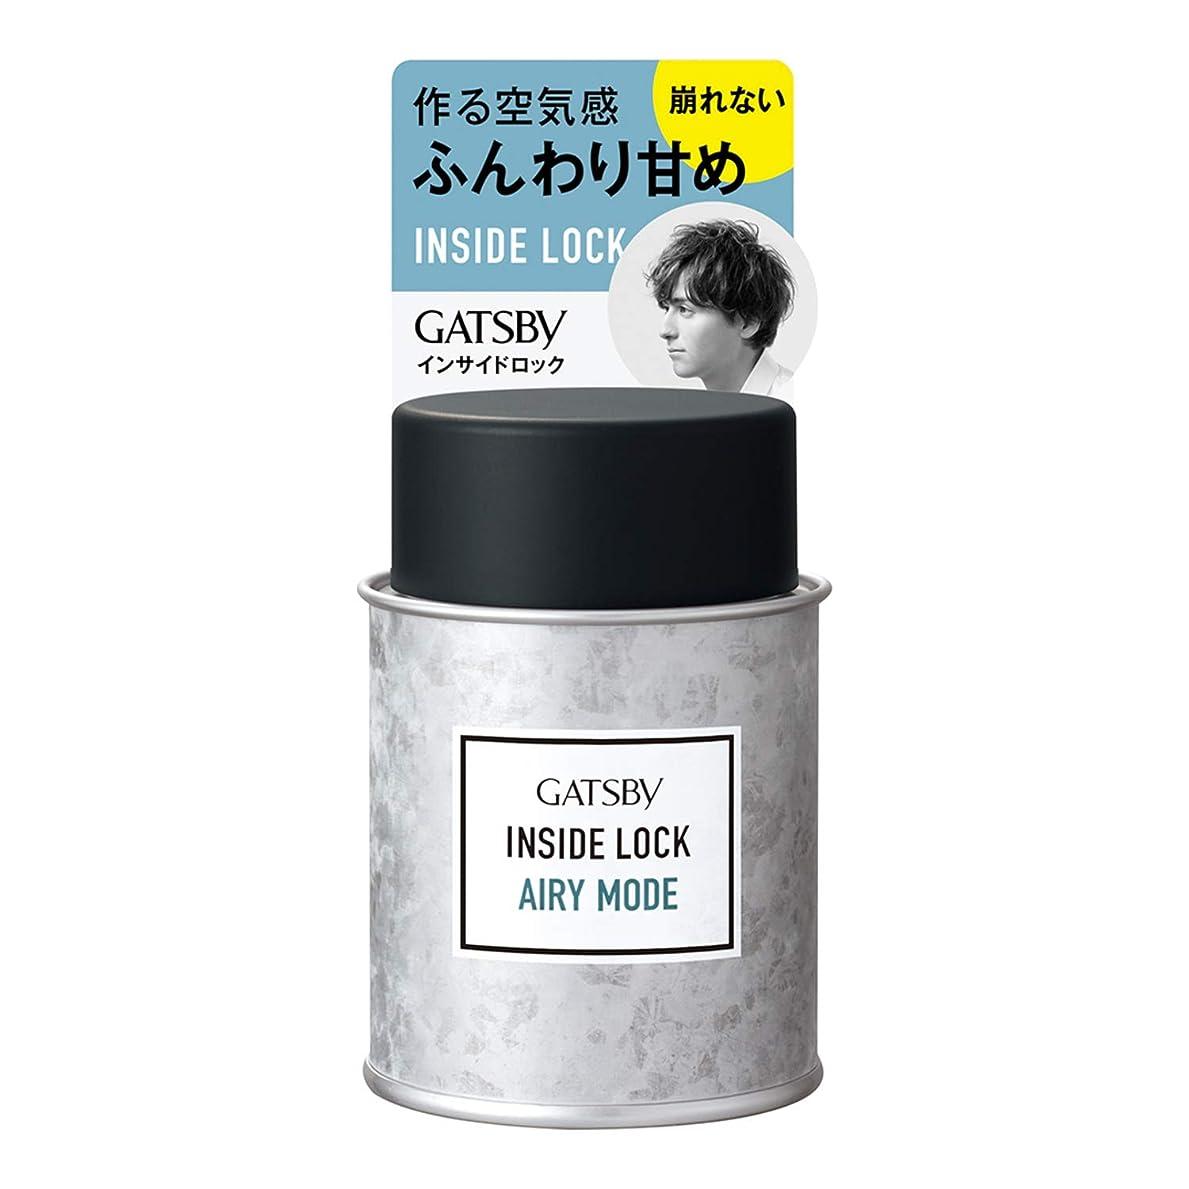 地殻コンバーチブルラグギャツビー (GATSBY) インサイドロック エアリーモード ふんわり甘め マット メンズ セラム 75g